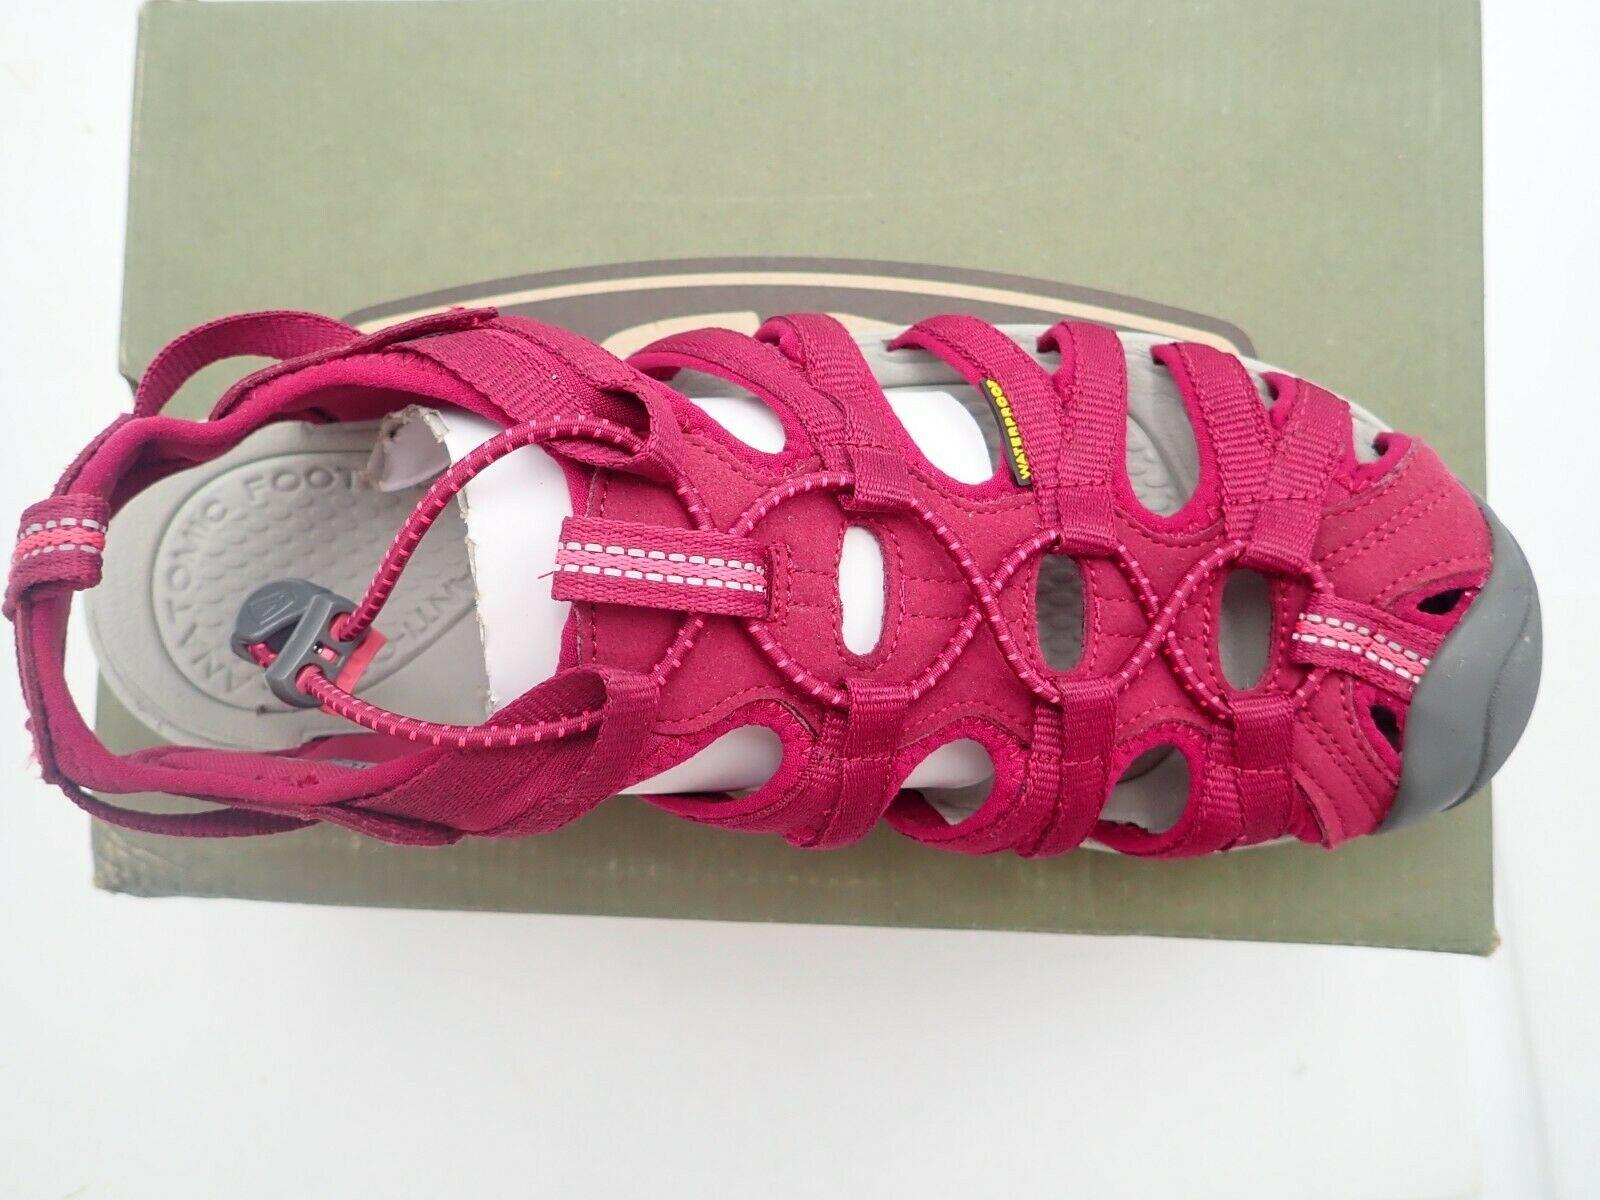 One Single Left Sandal size 10 M KEEN Women's Whisper Sandal,Beet Red No right!